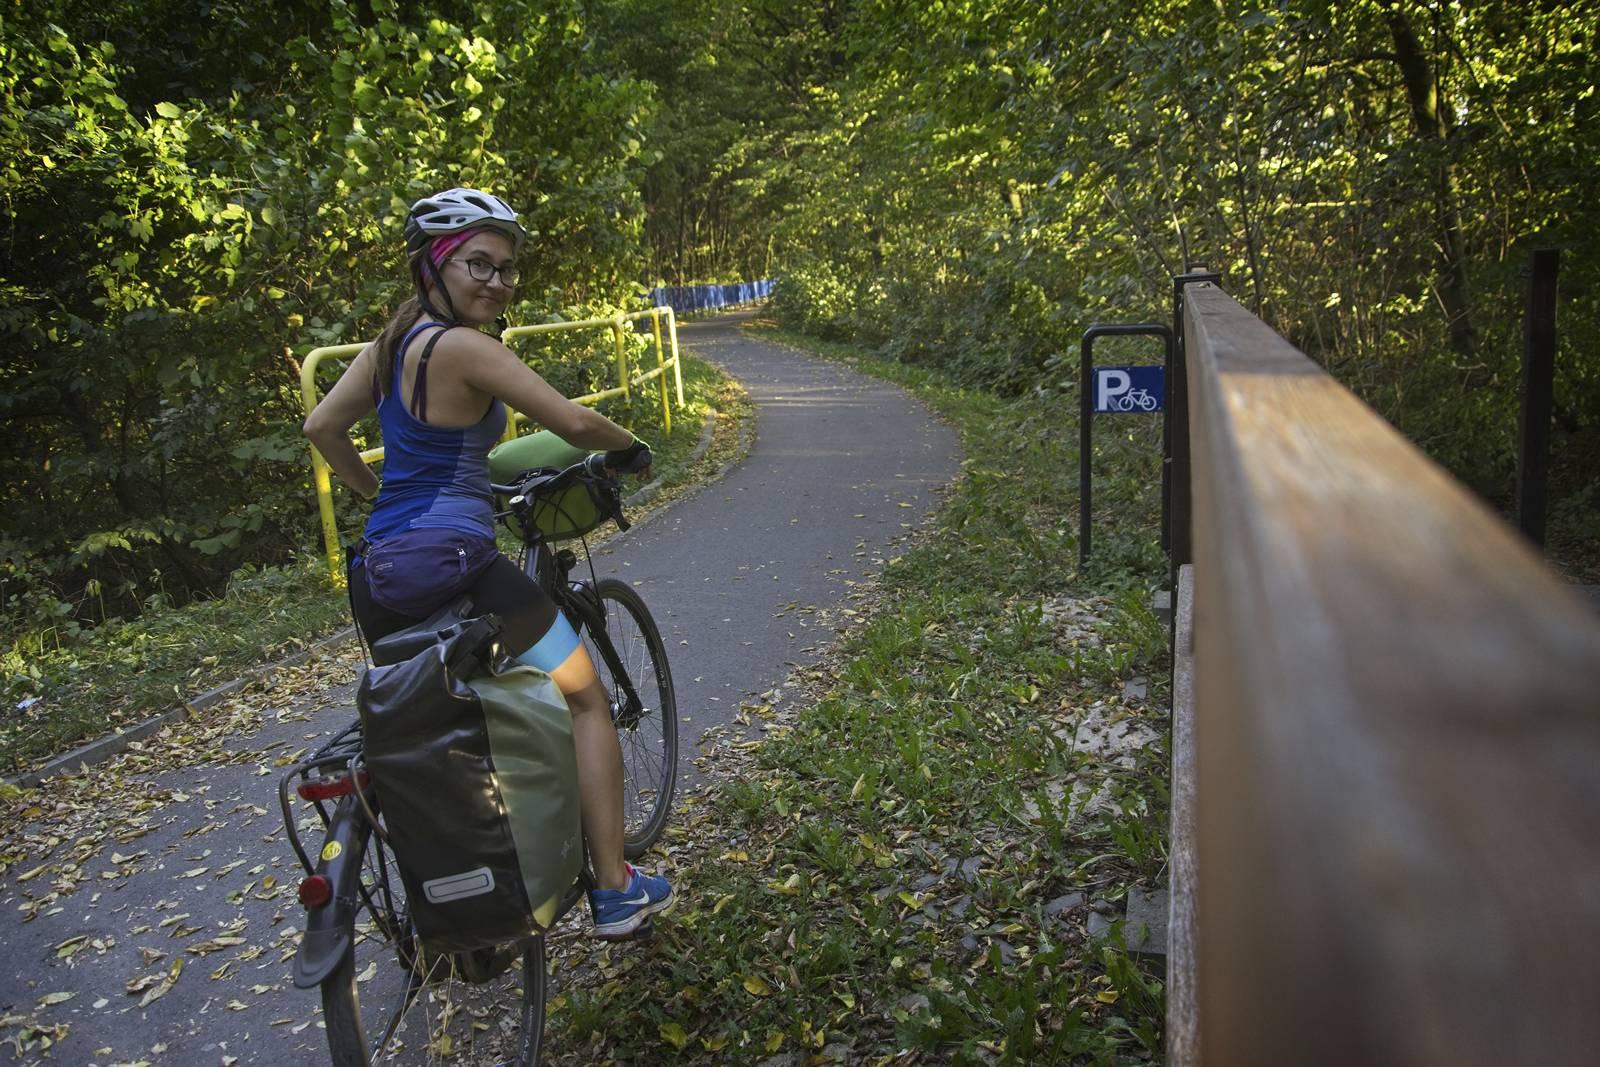 trasa rowerowa bydgoszcz koronowo trasy rowerowe wokol jeziora koronowskiego zalew koronowski rowerem